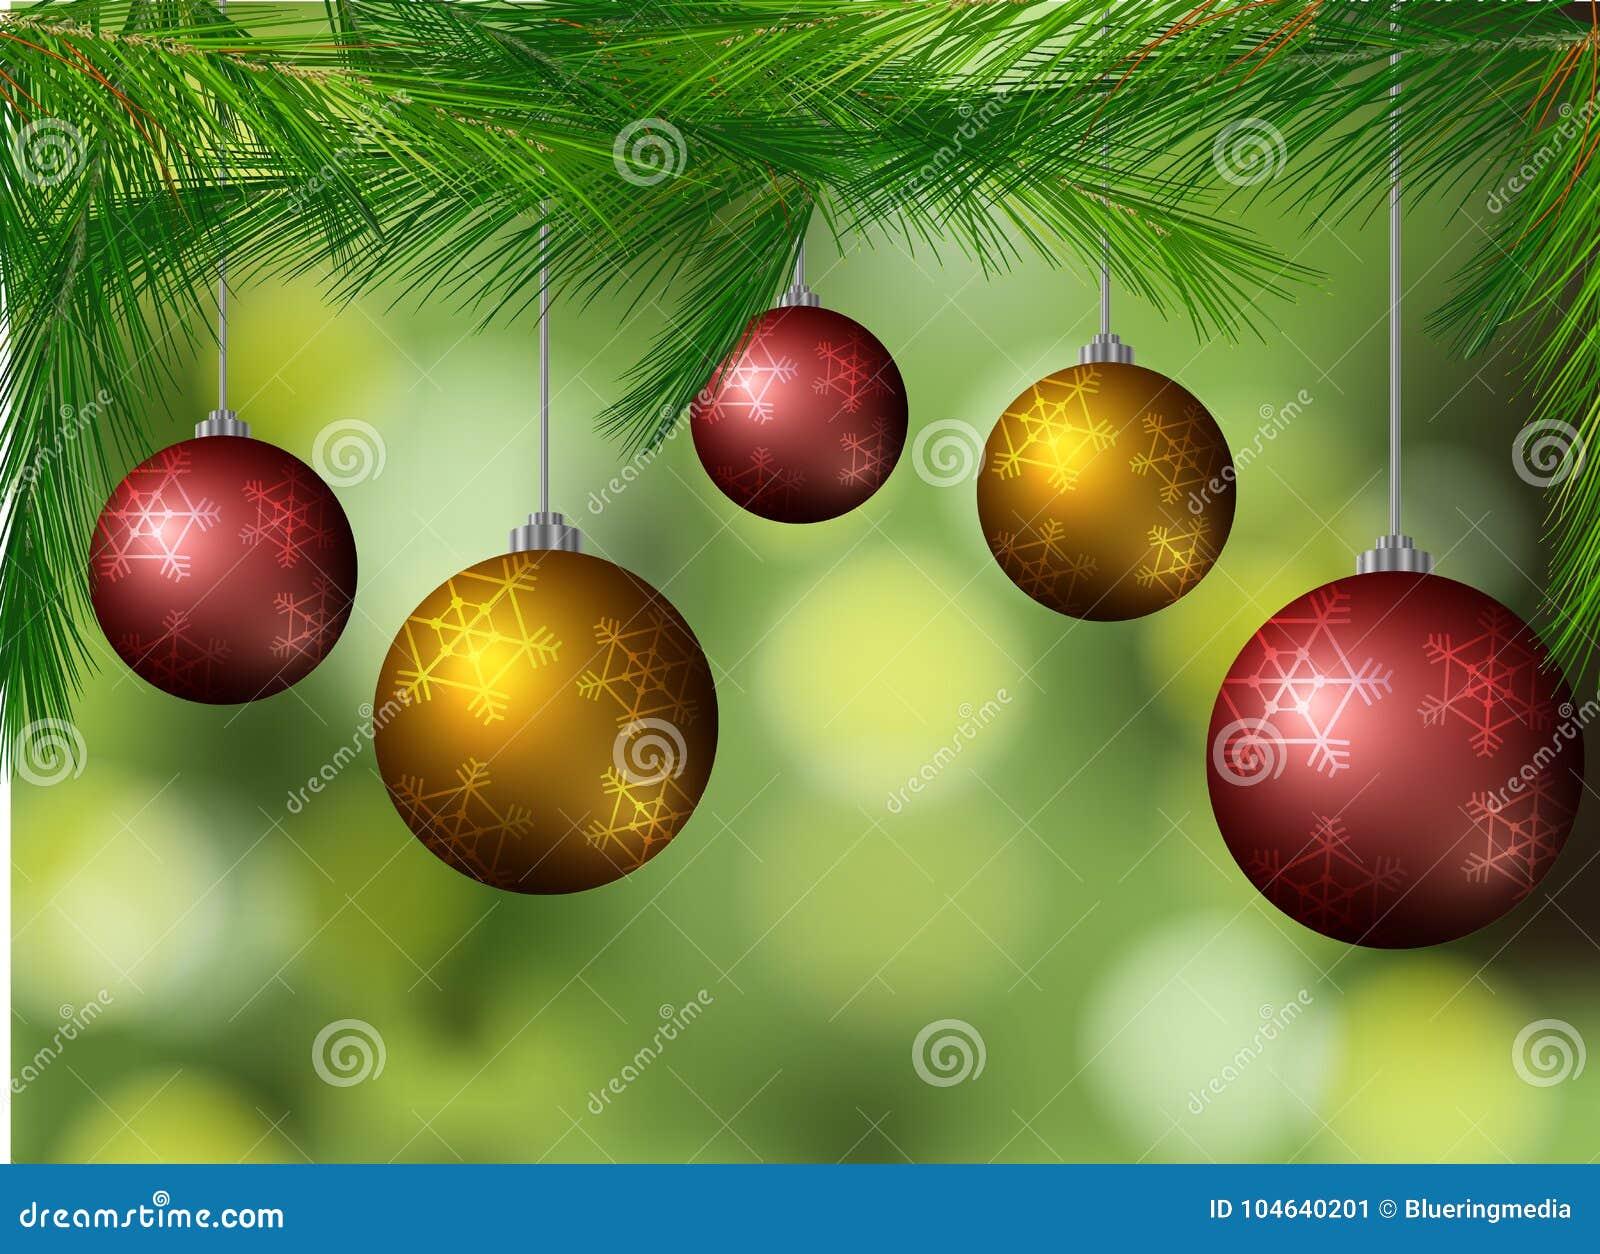 Download Achtergrond Met Kerstmisballen Op De Boom Vector Illustratie - Illustratie bestaande uit malplaatje, klem: 104640201